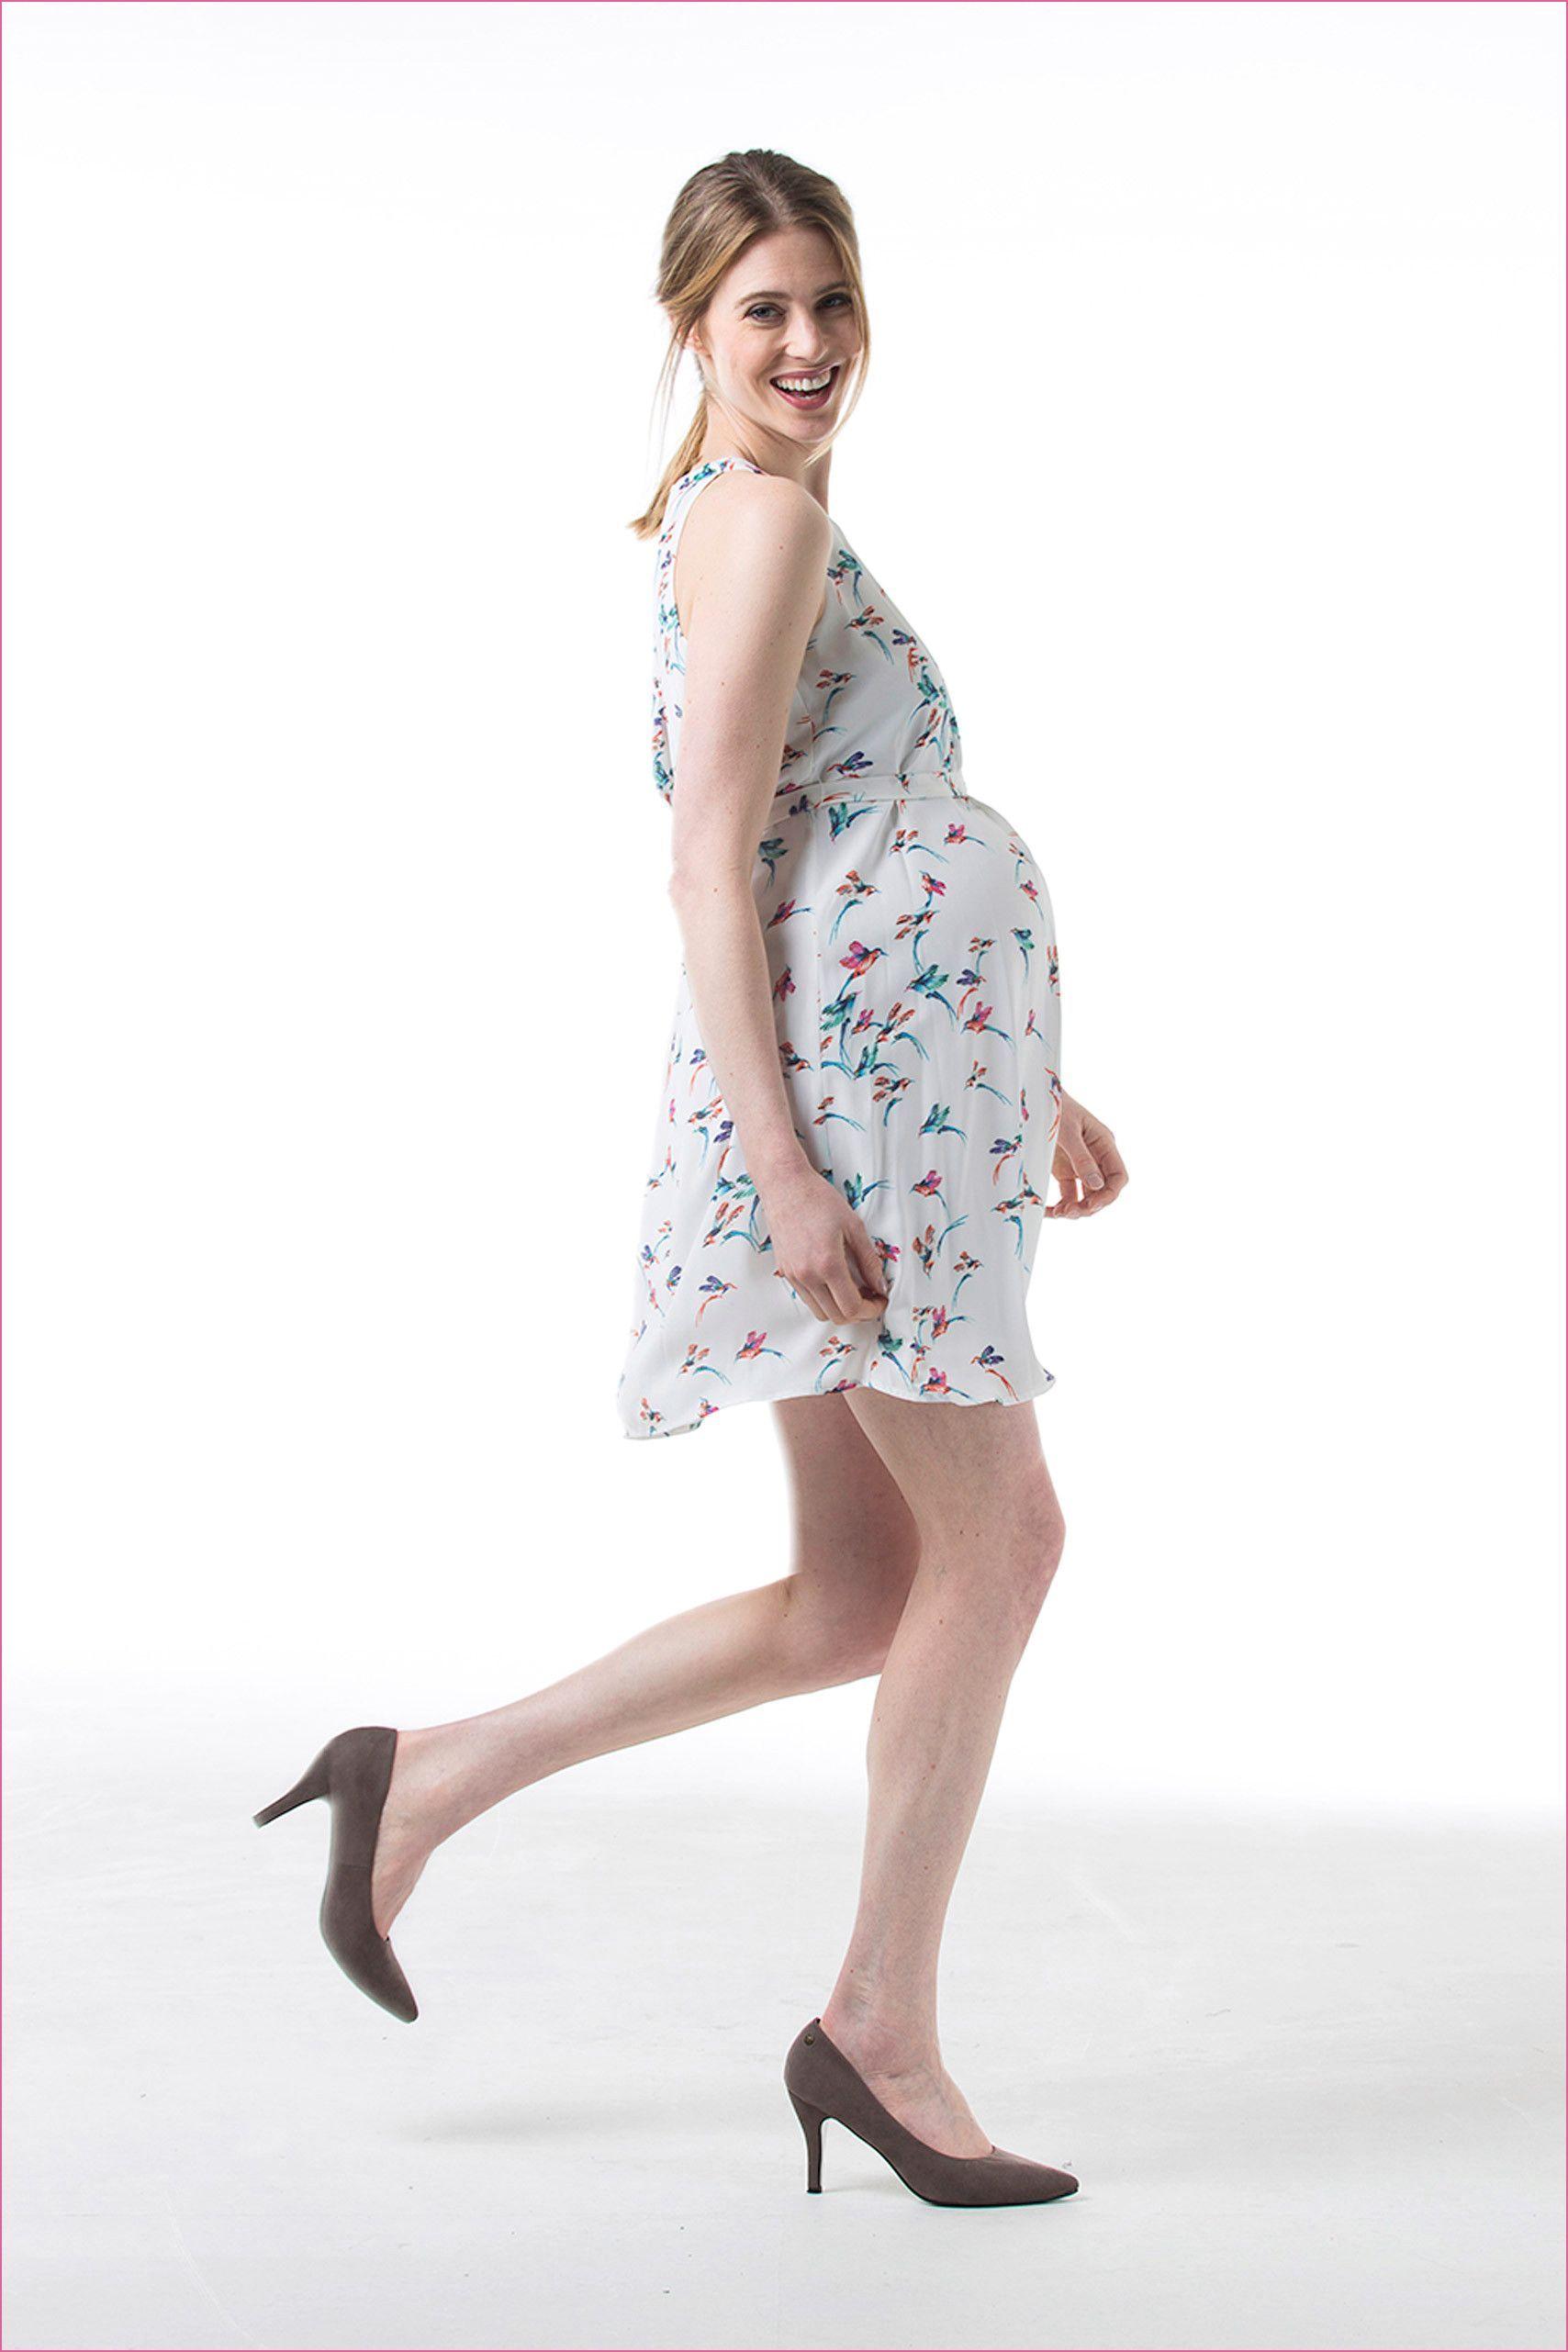 kleid hochzeitsgast schwanger, kleid hochzeitsgast schwanger